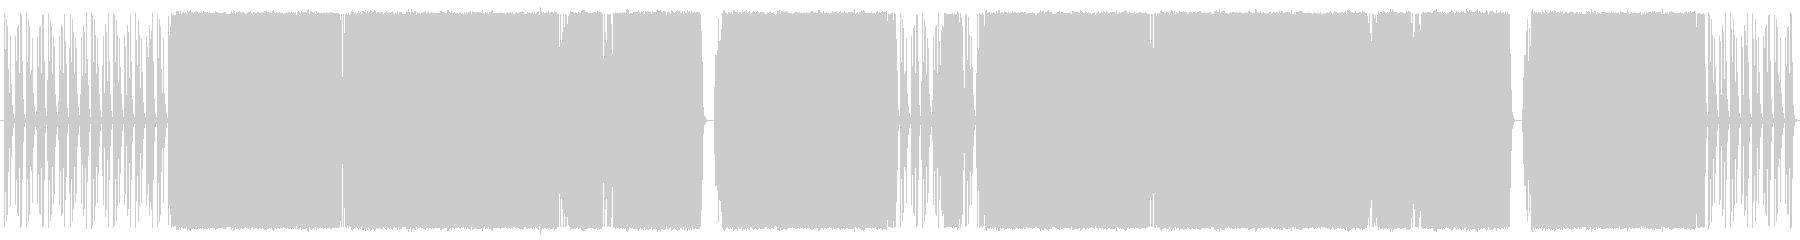 RPG。ストリングス使用の未再生の波形